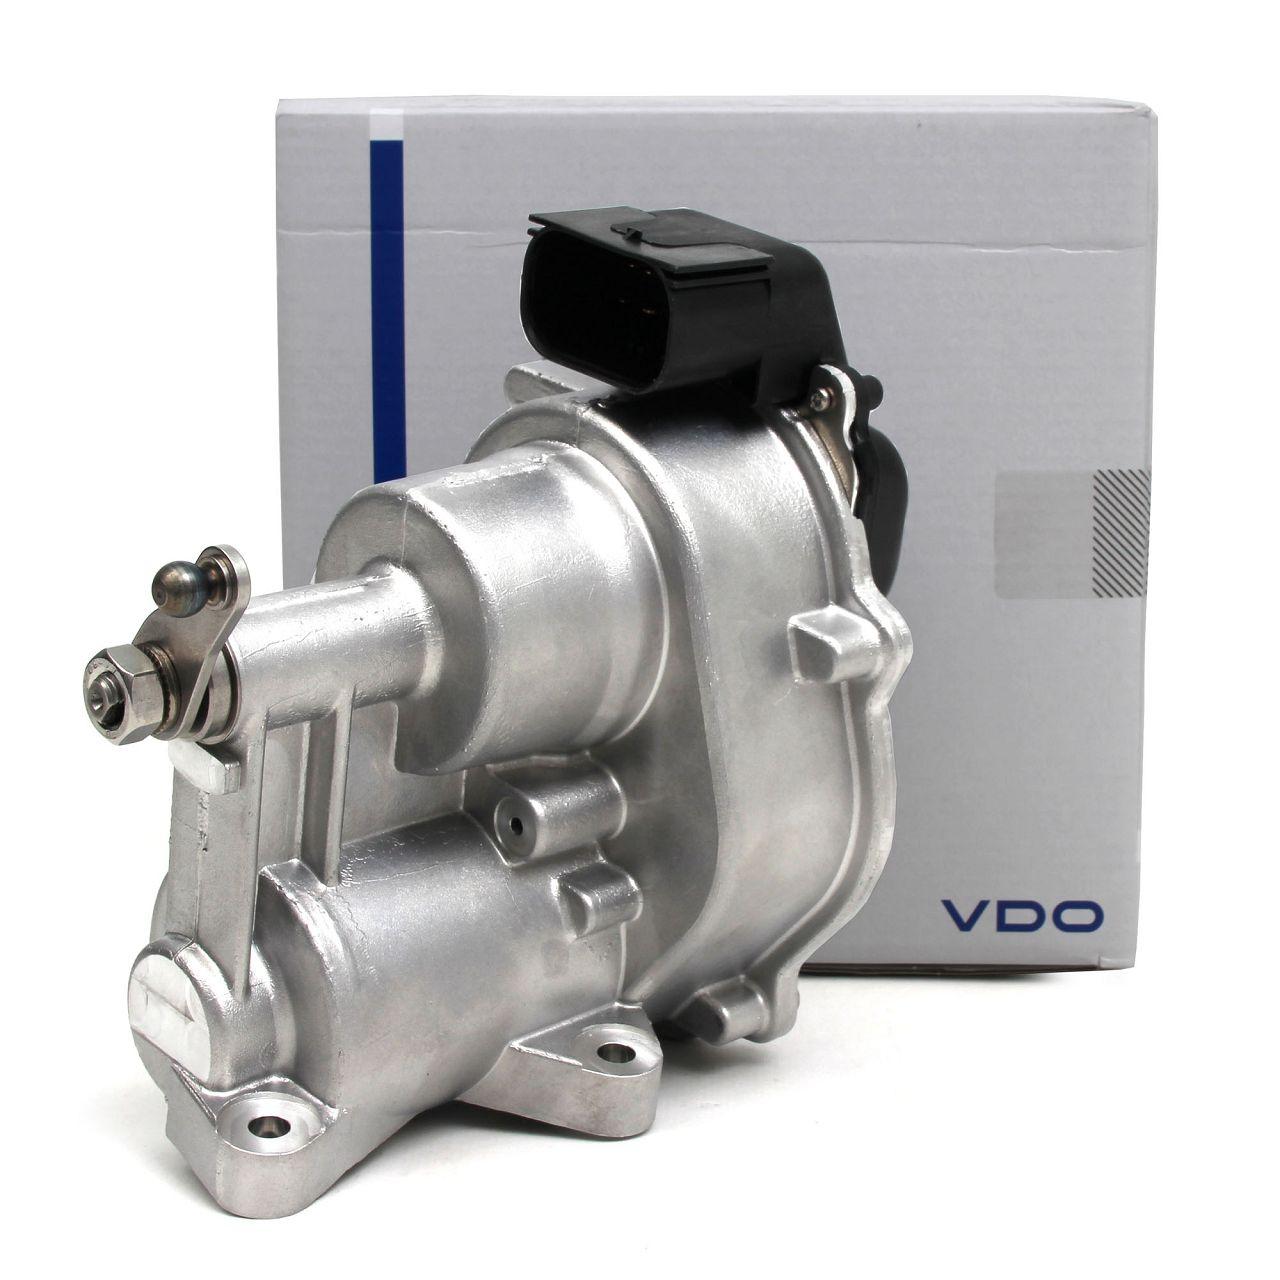 VDO A2C59506263 Stellmotor Umschaltklappe Saugrohr M5 E60 E61 M6 E63 E64 507 PS